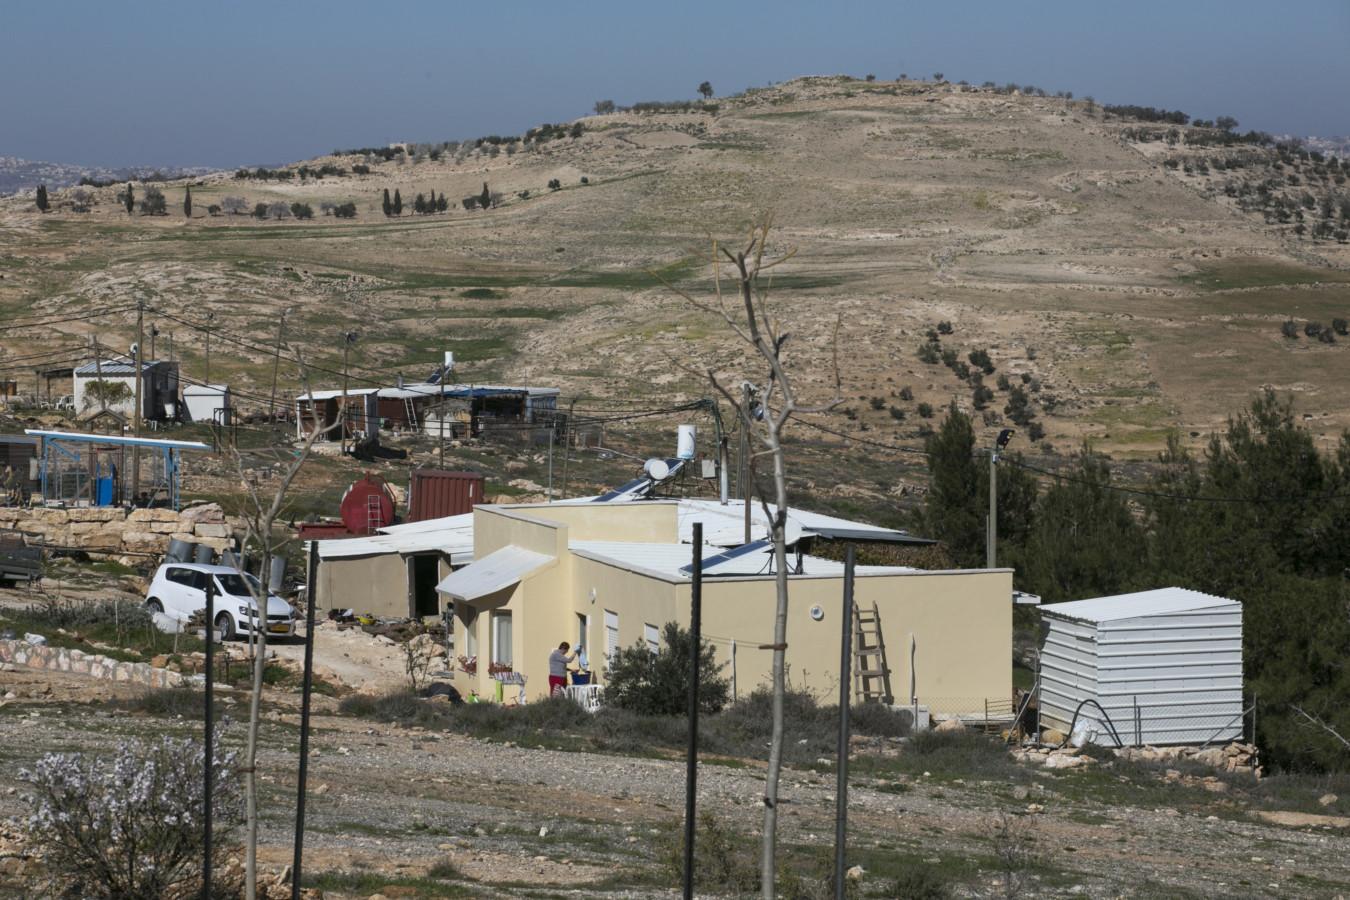 """مخطط  لترخيص البؤرة الاستيطانية  """"أفيغيل"""" وتحويل مستوطنات جبل الخليل لتجمع استيطاني خامس"""